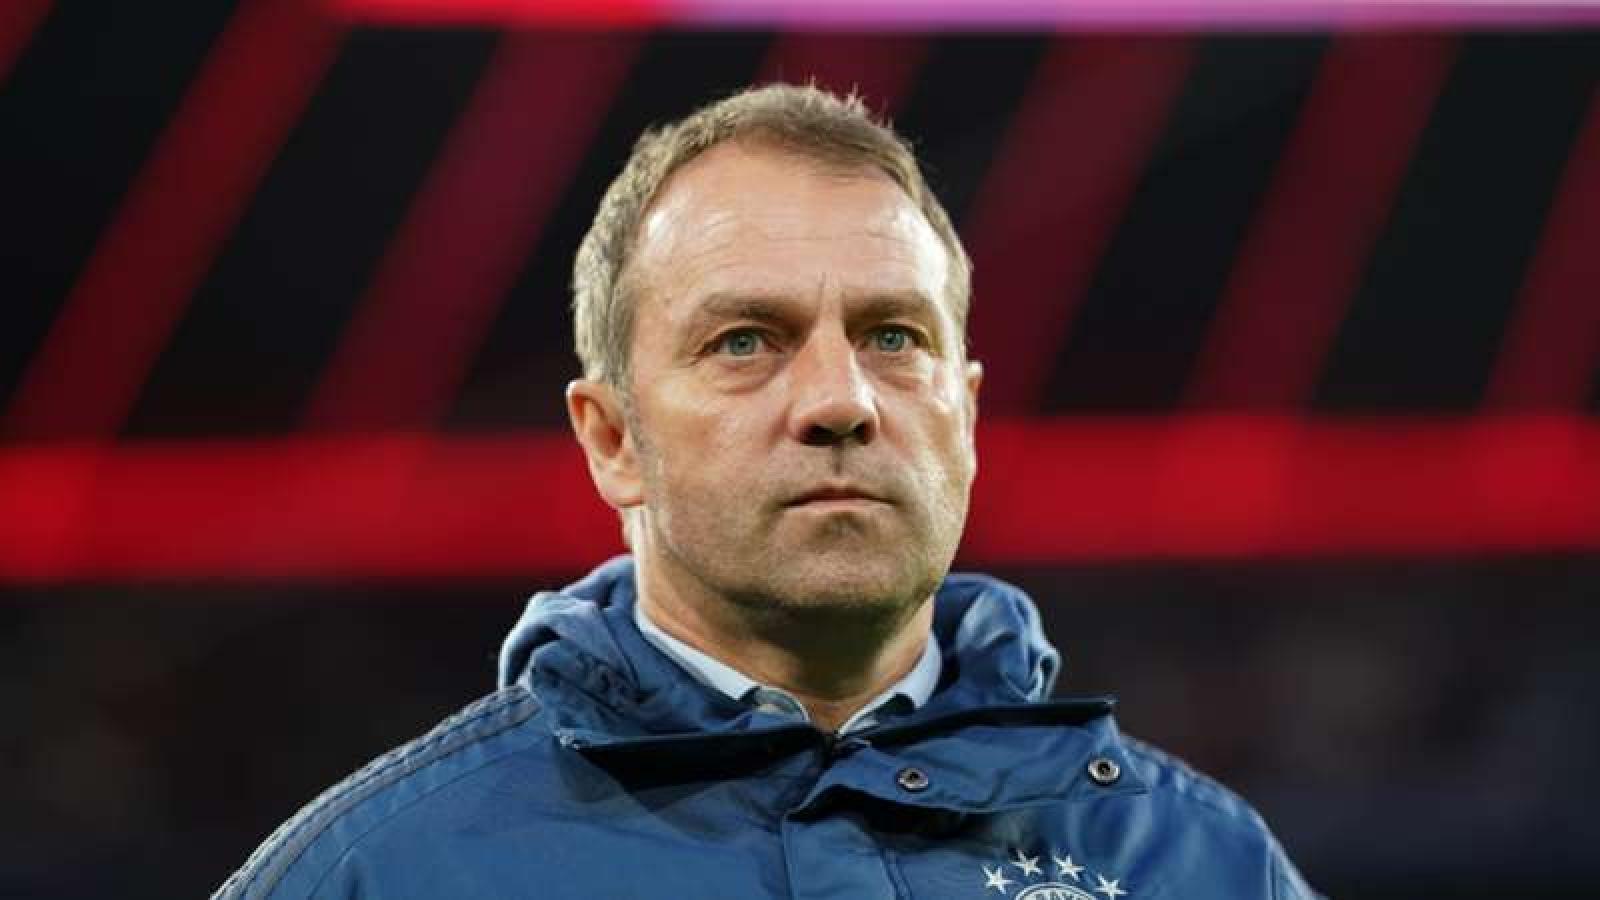 HLV Flick xác nhận rời Bayern, có thể dẫn dắt ĐT Đức